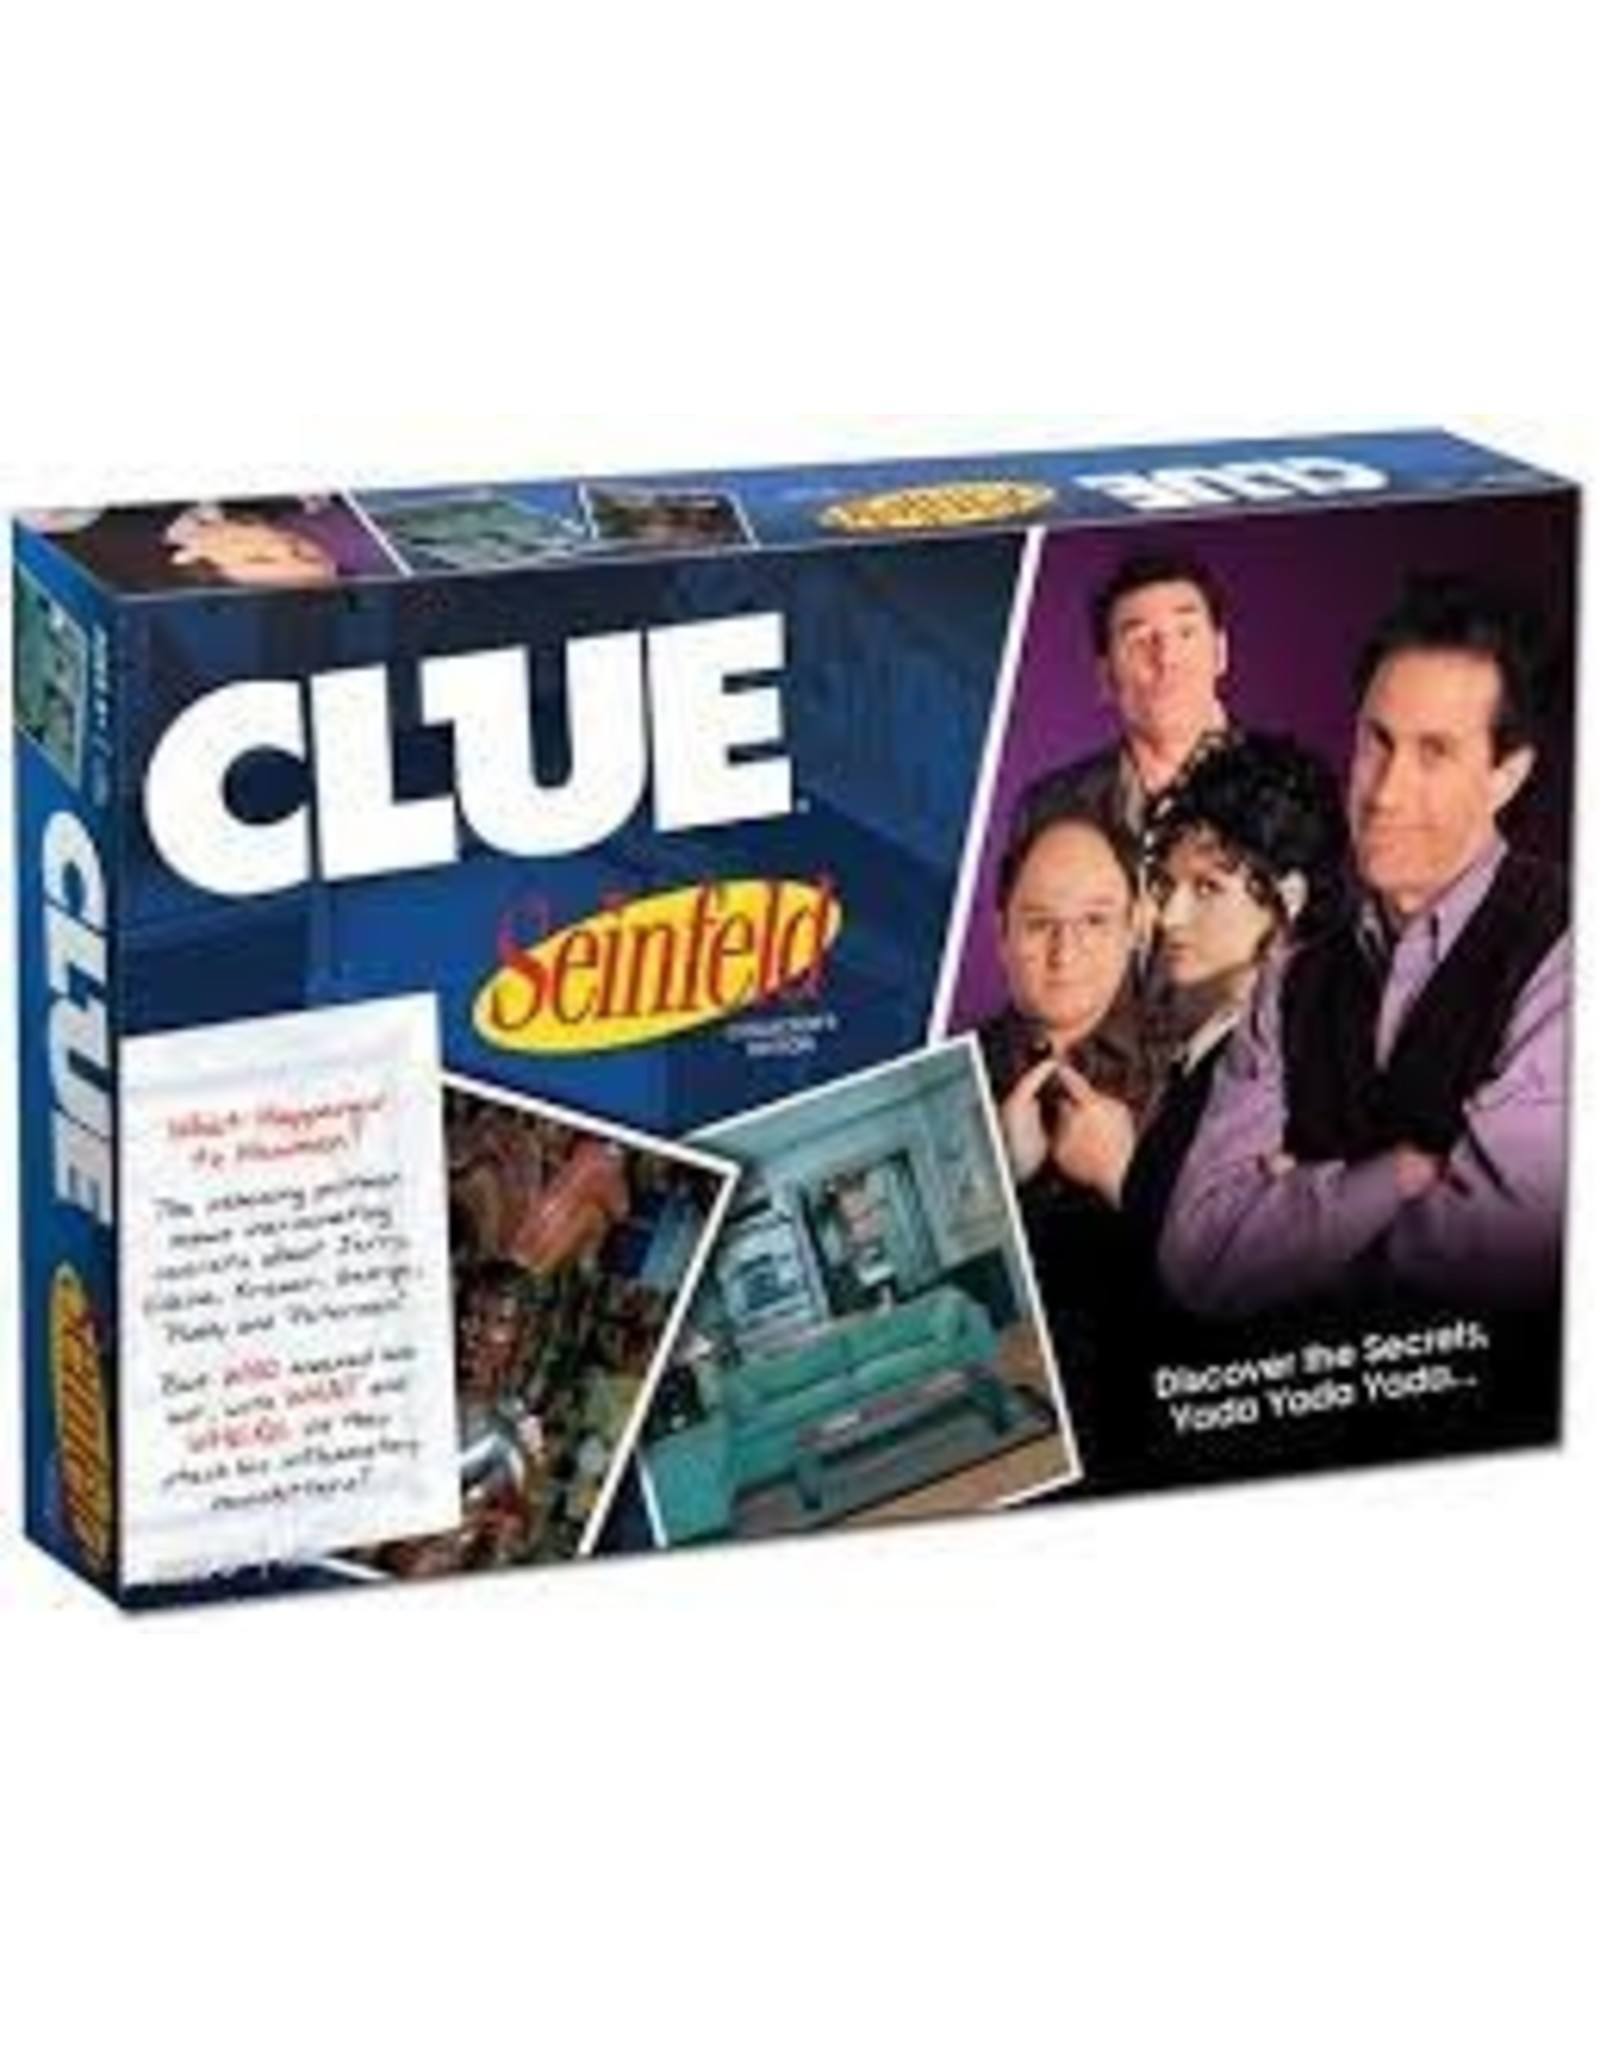 The OP Clue: Seinfeld